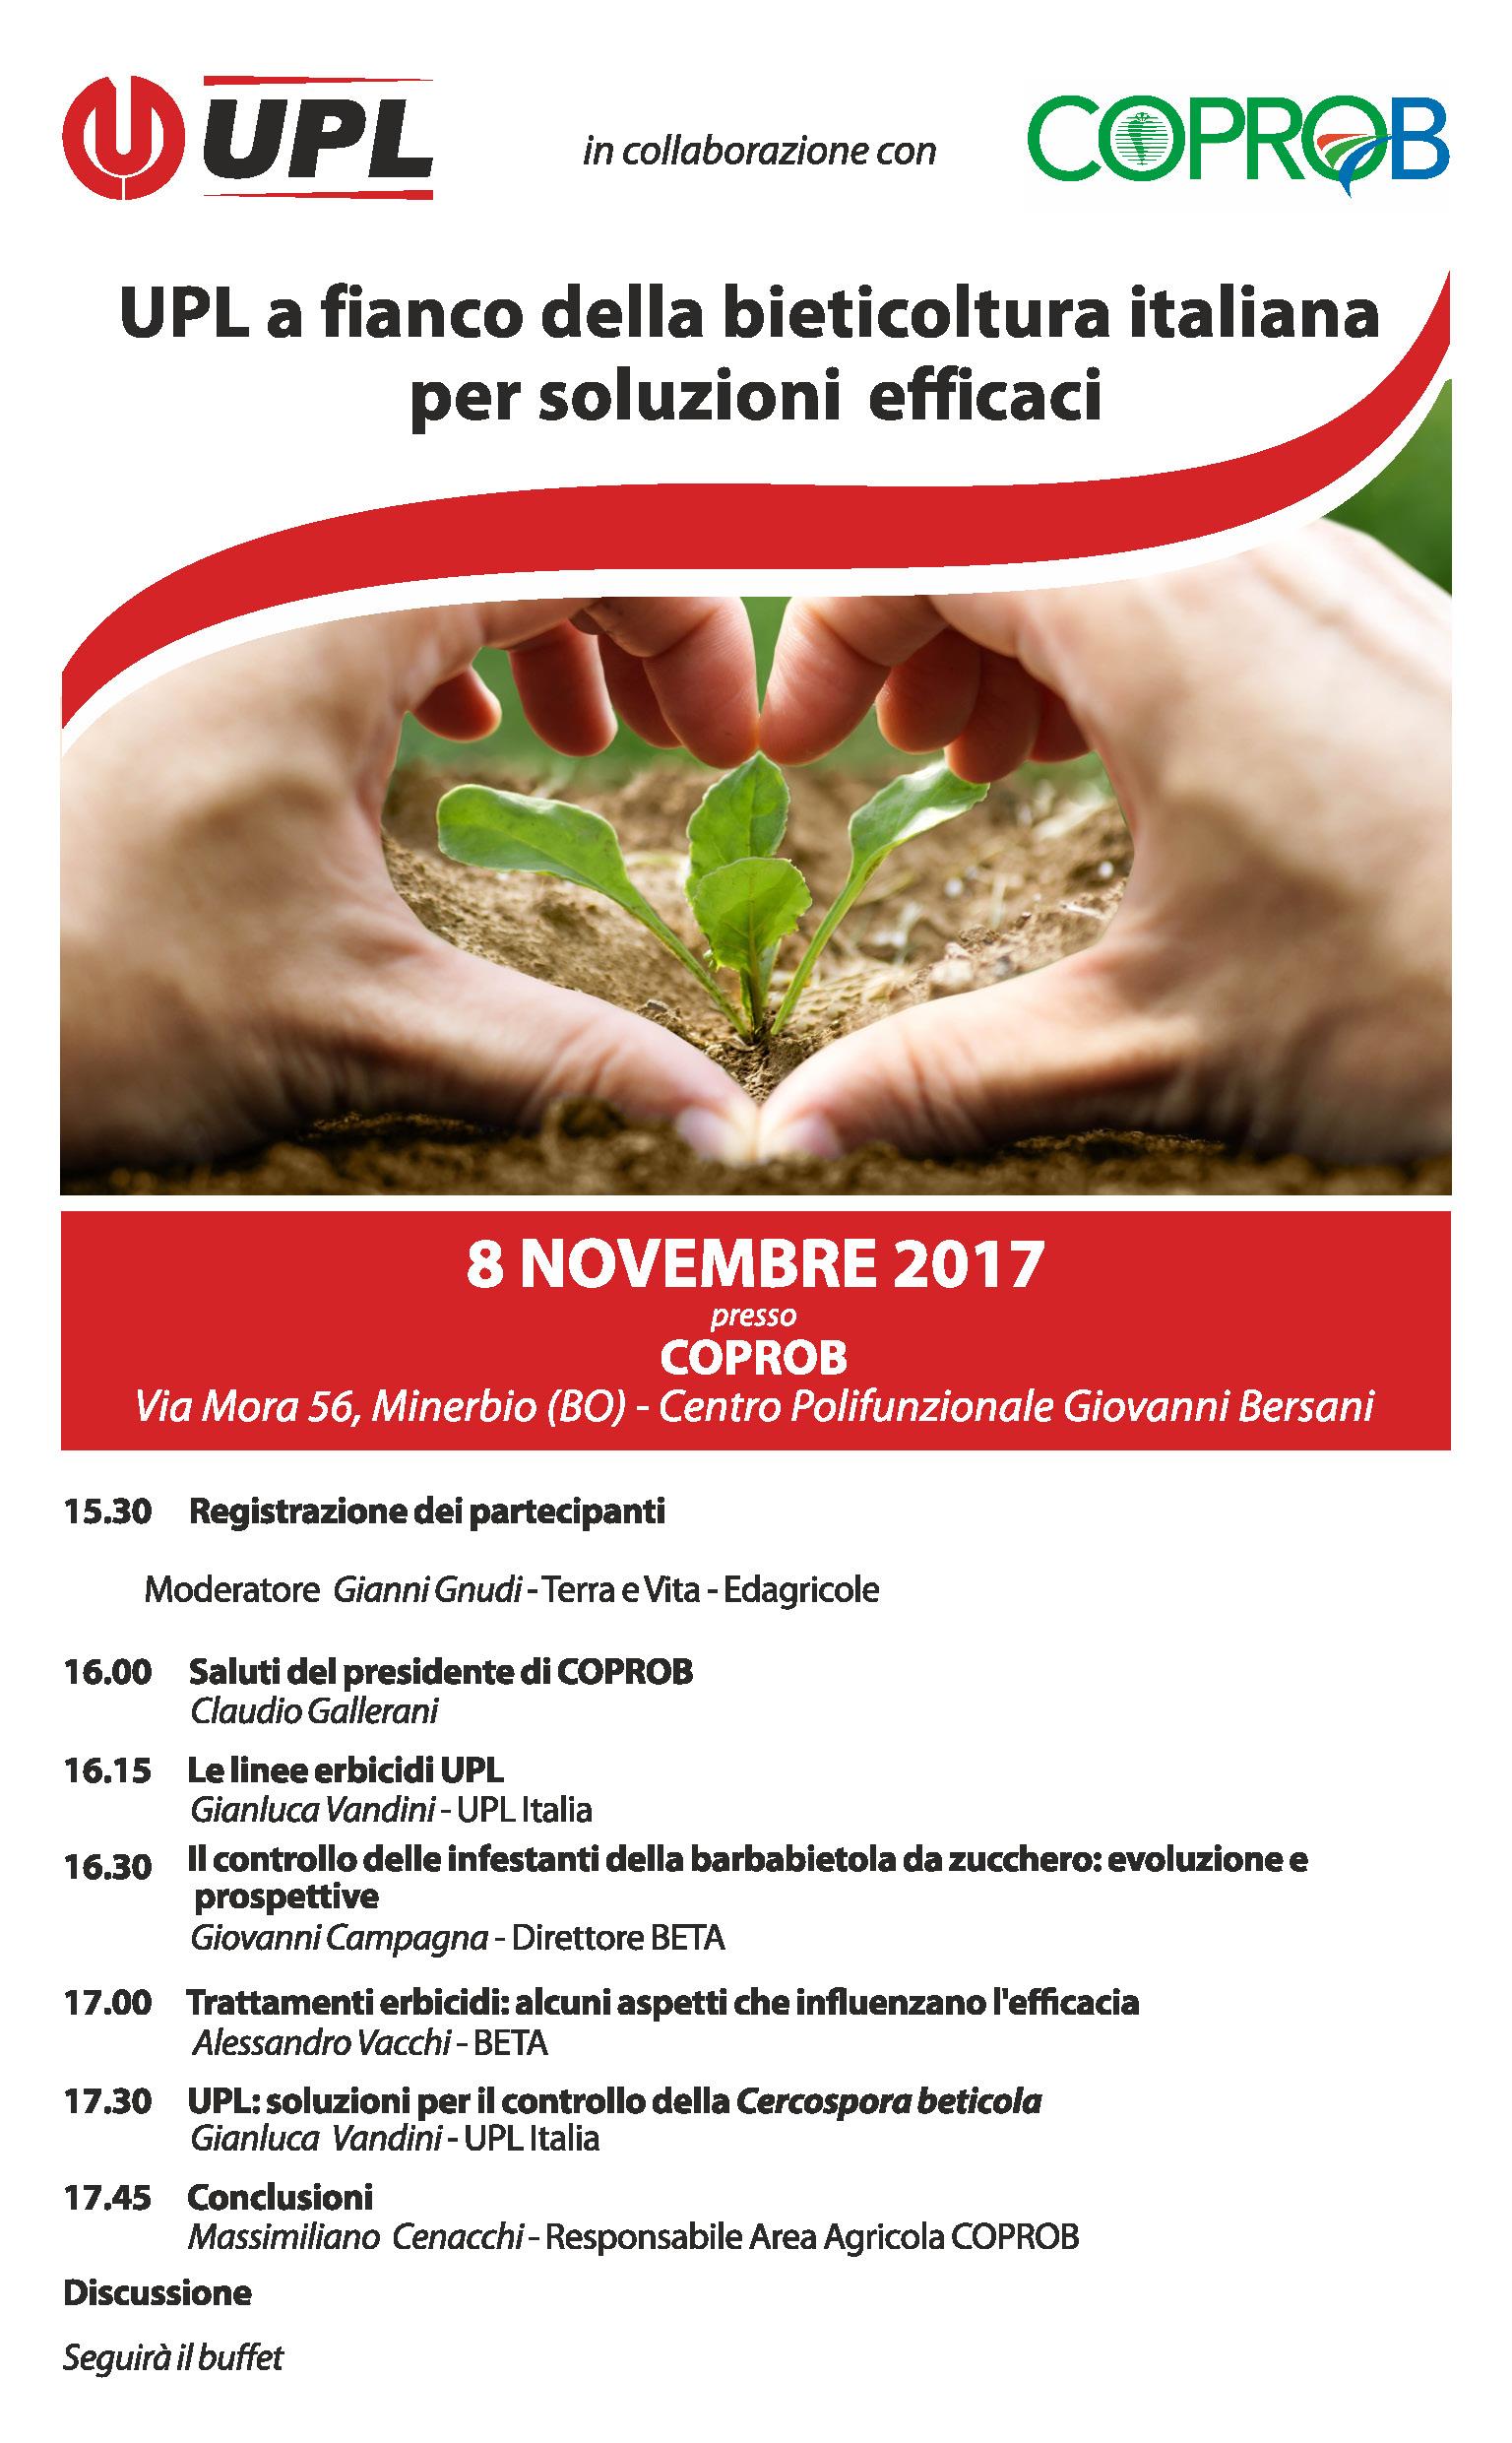 UPL a fianco della bieticoltura italiana per soluzioni efficaci